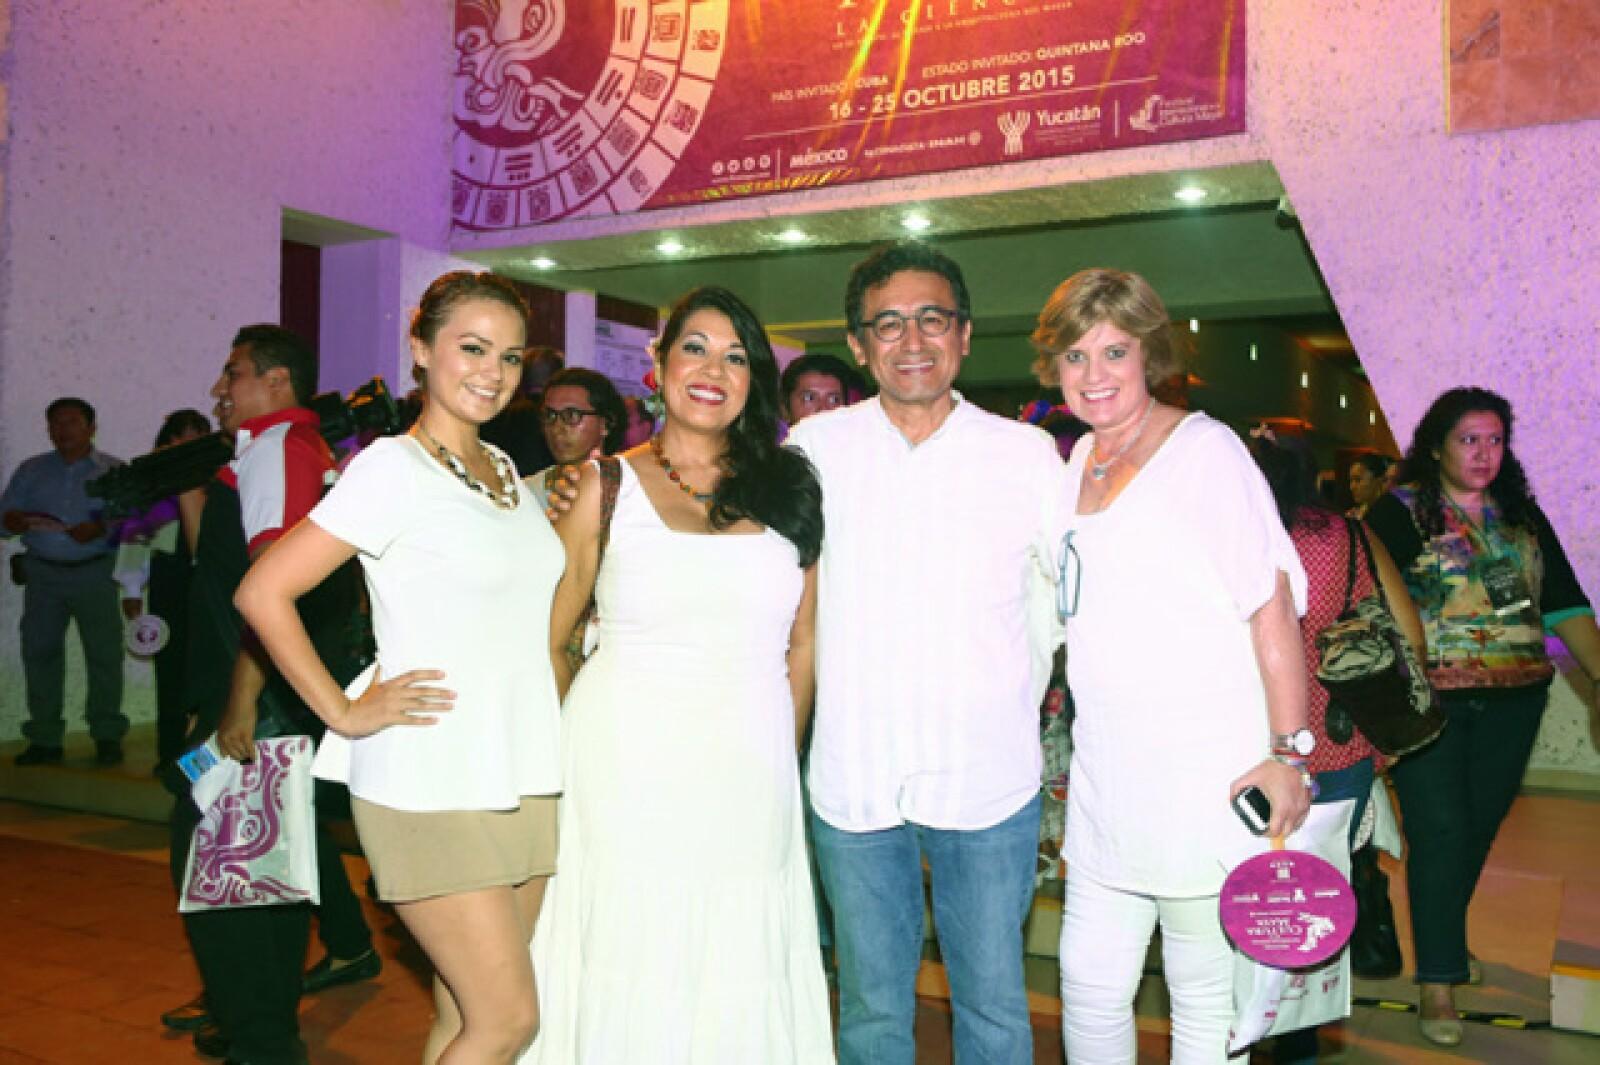 Karen Castillo, Malena Durán, Efren Maldonado y María Teresa Fernández